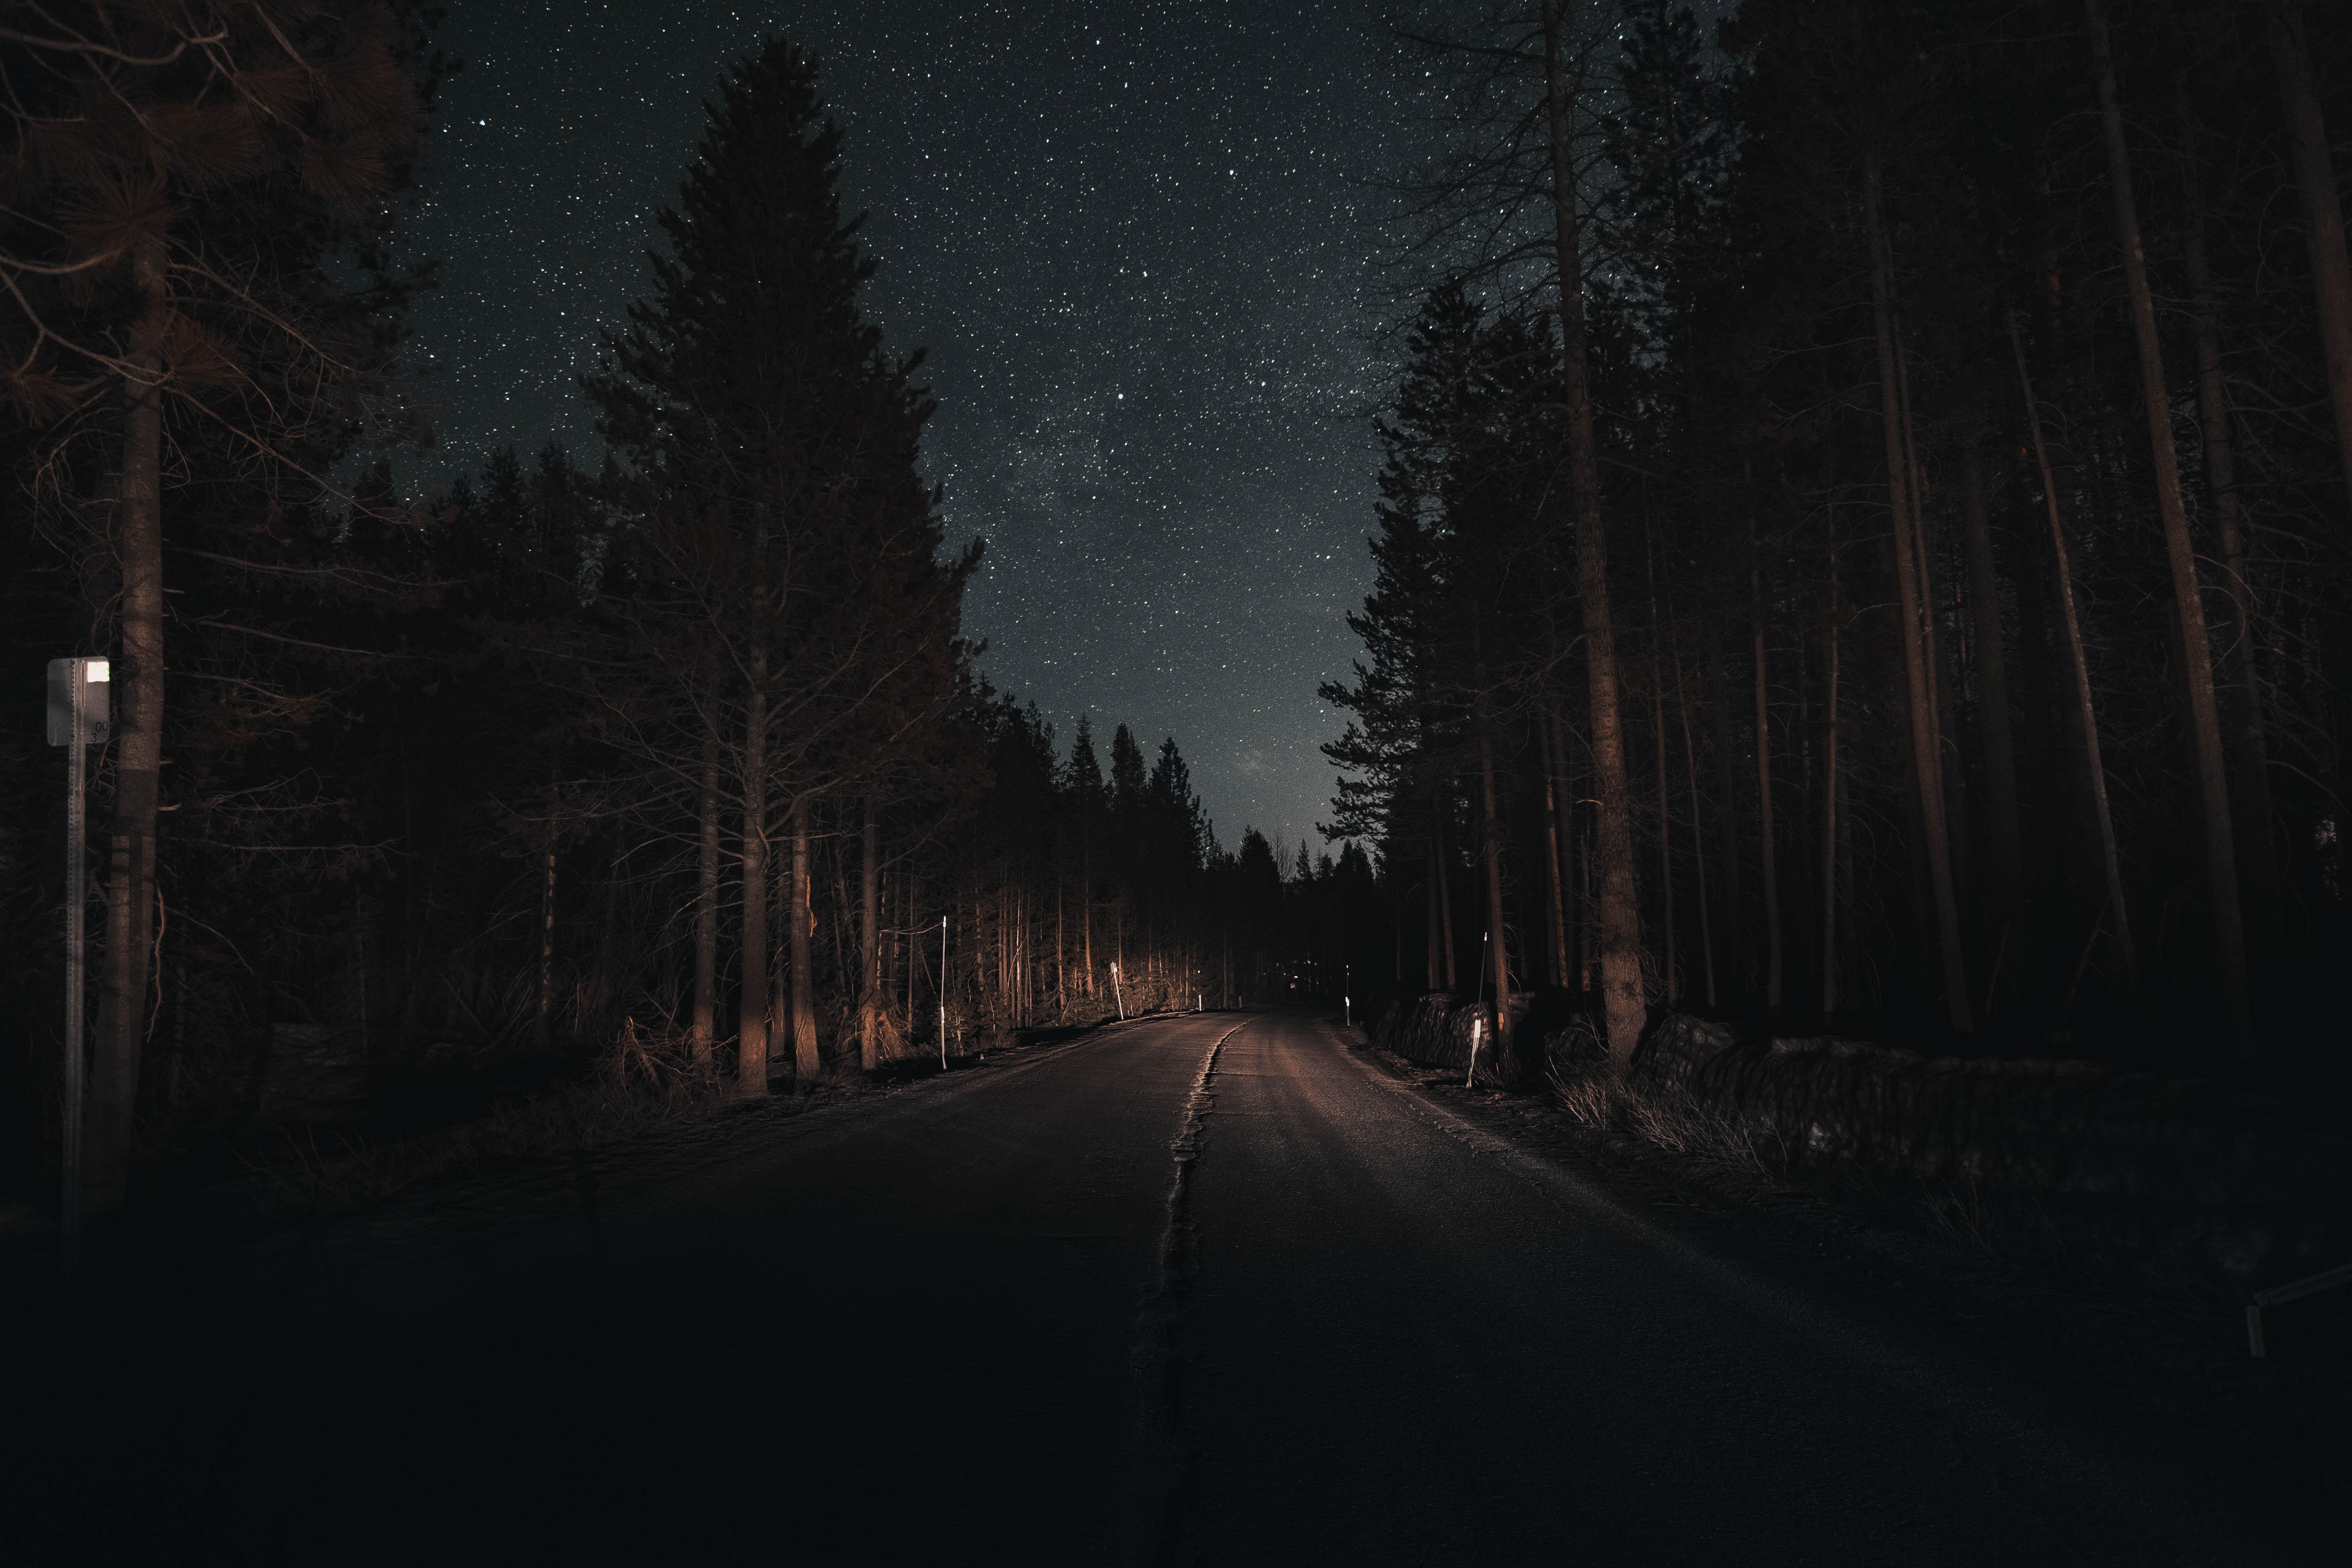 154859 fond d'écran 1080x2400 sur votre téléphone gratuitement, téléchargez des images Nature, Nuit, Route, Tour, Tourner, Forêt, Ciel Étoilé 1080x2400 sur votre mobile